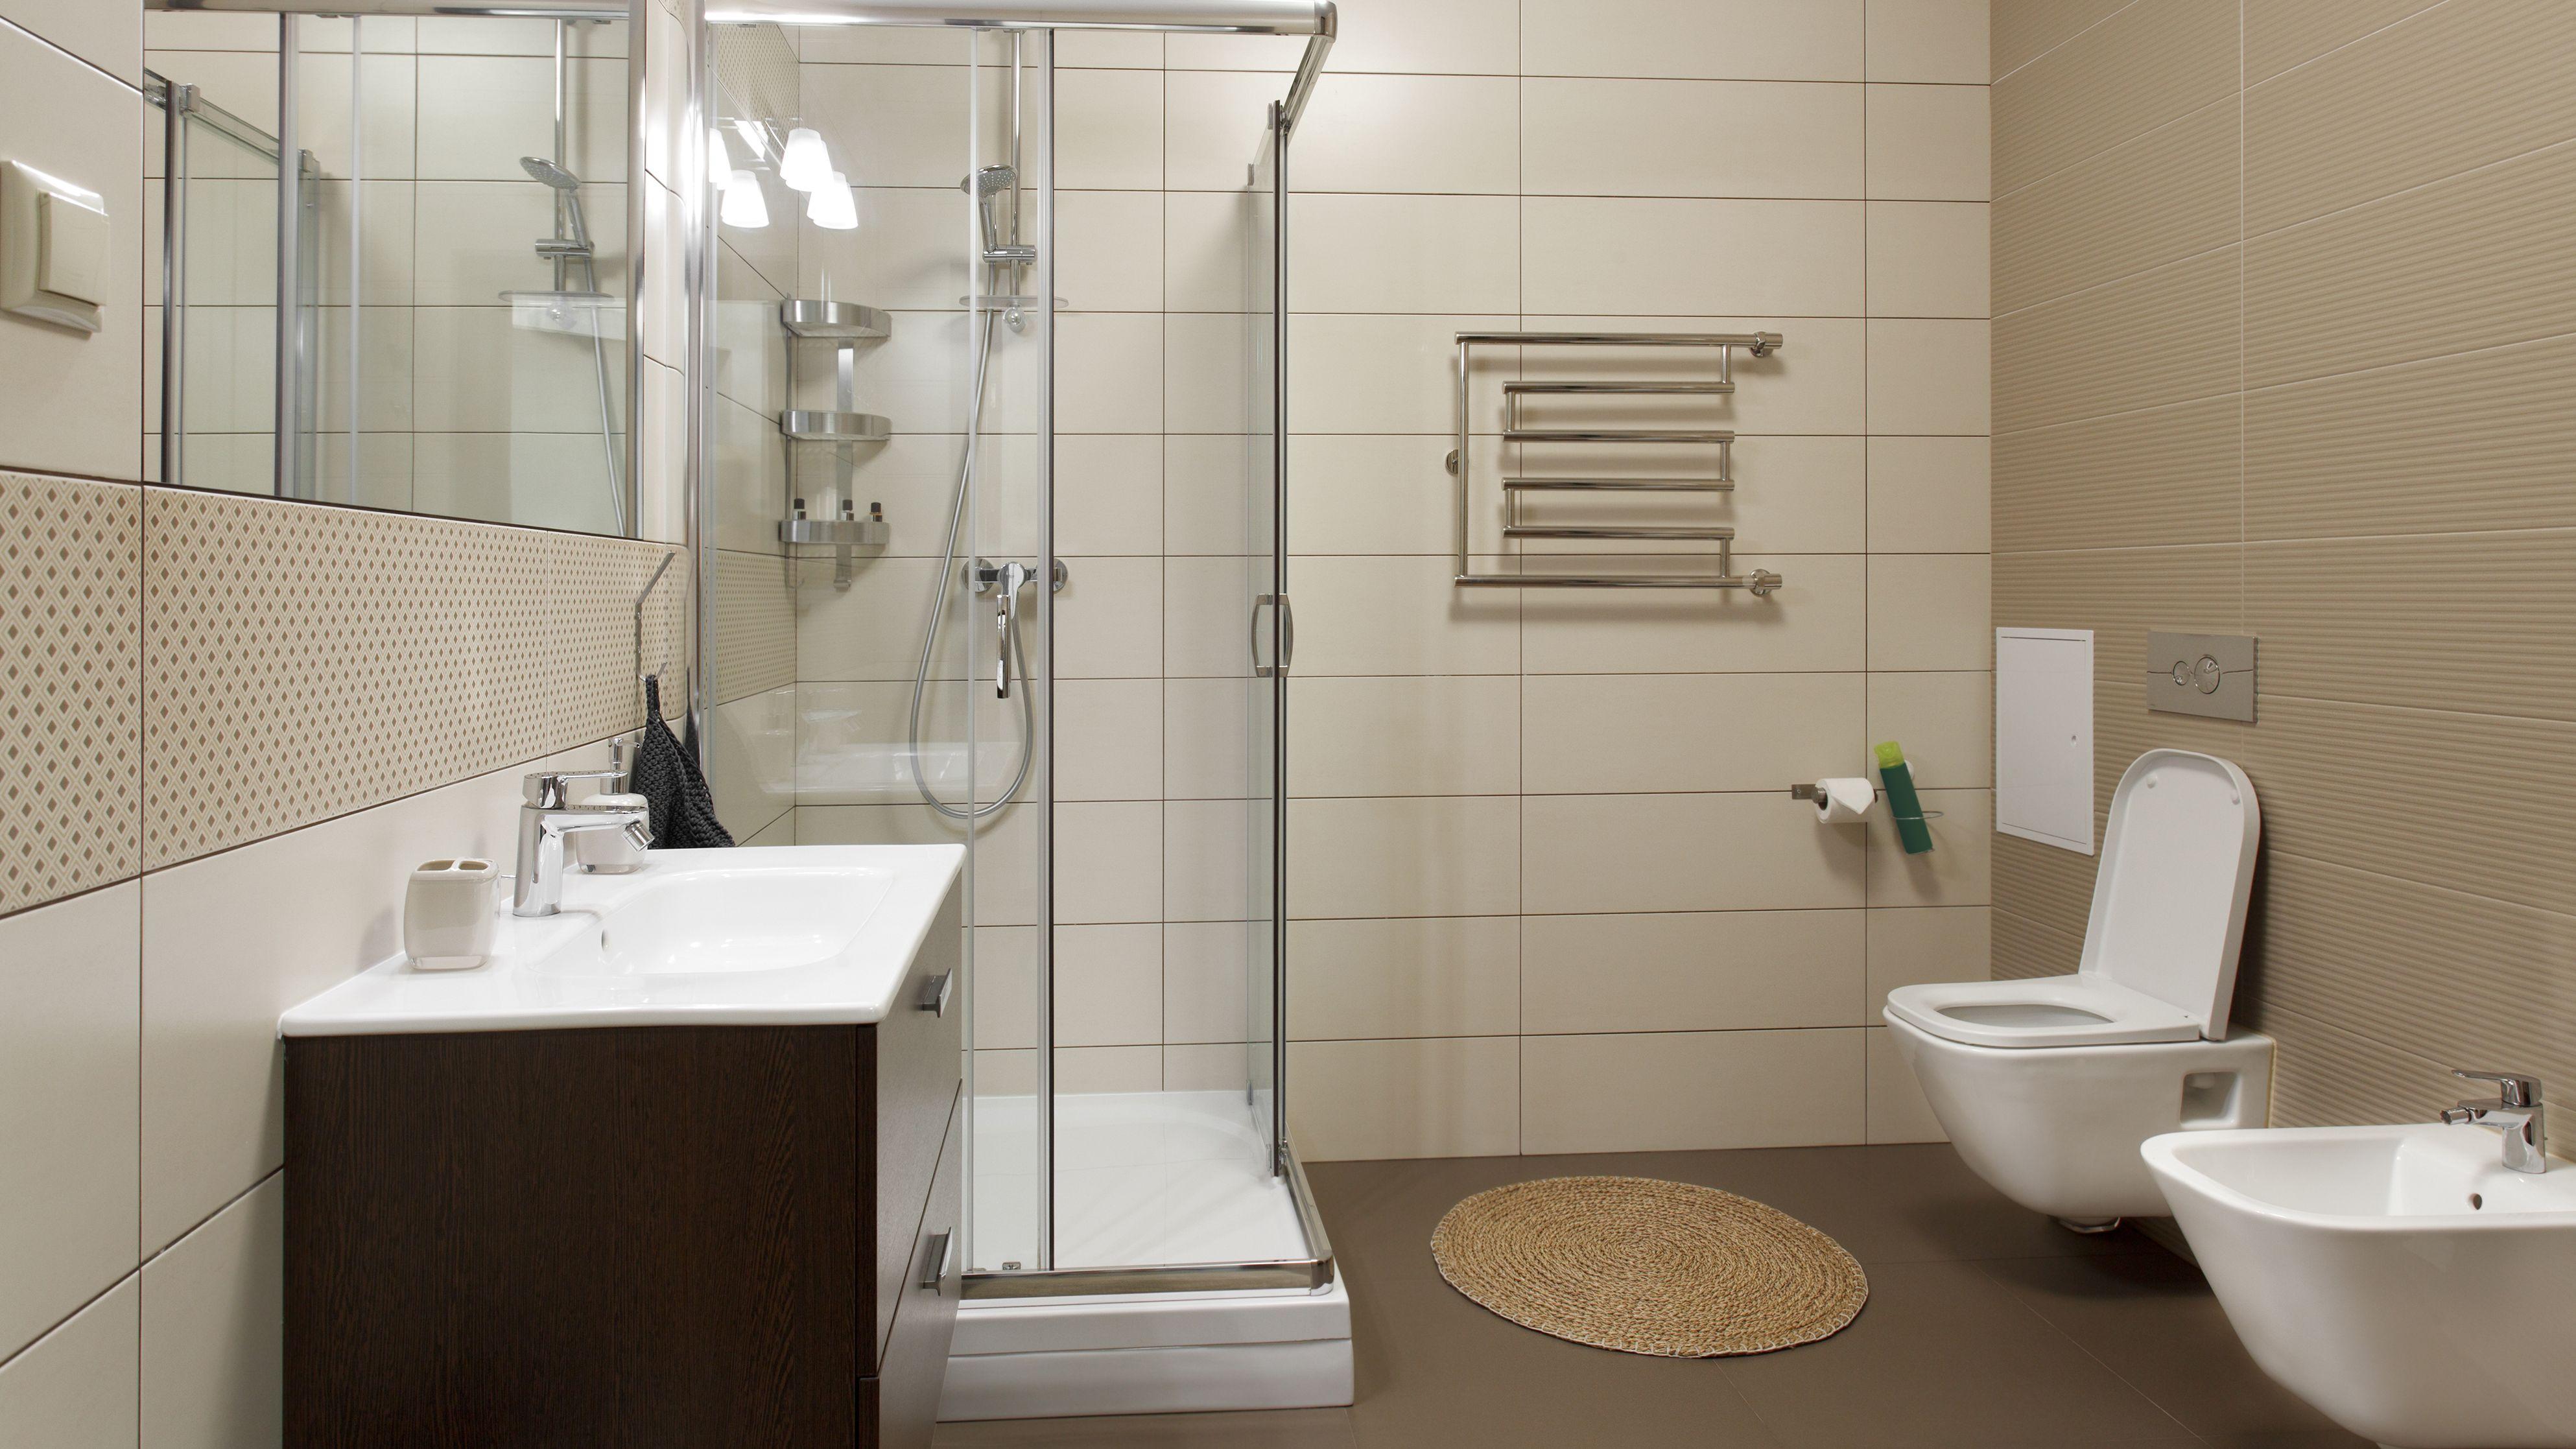 Bad einrichten: Ideen für 10 Bad-Grundrisse